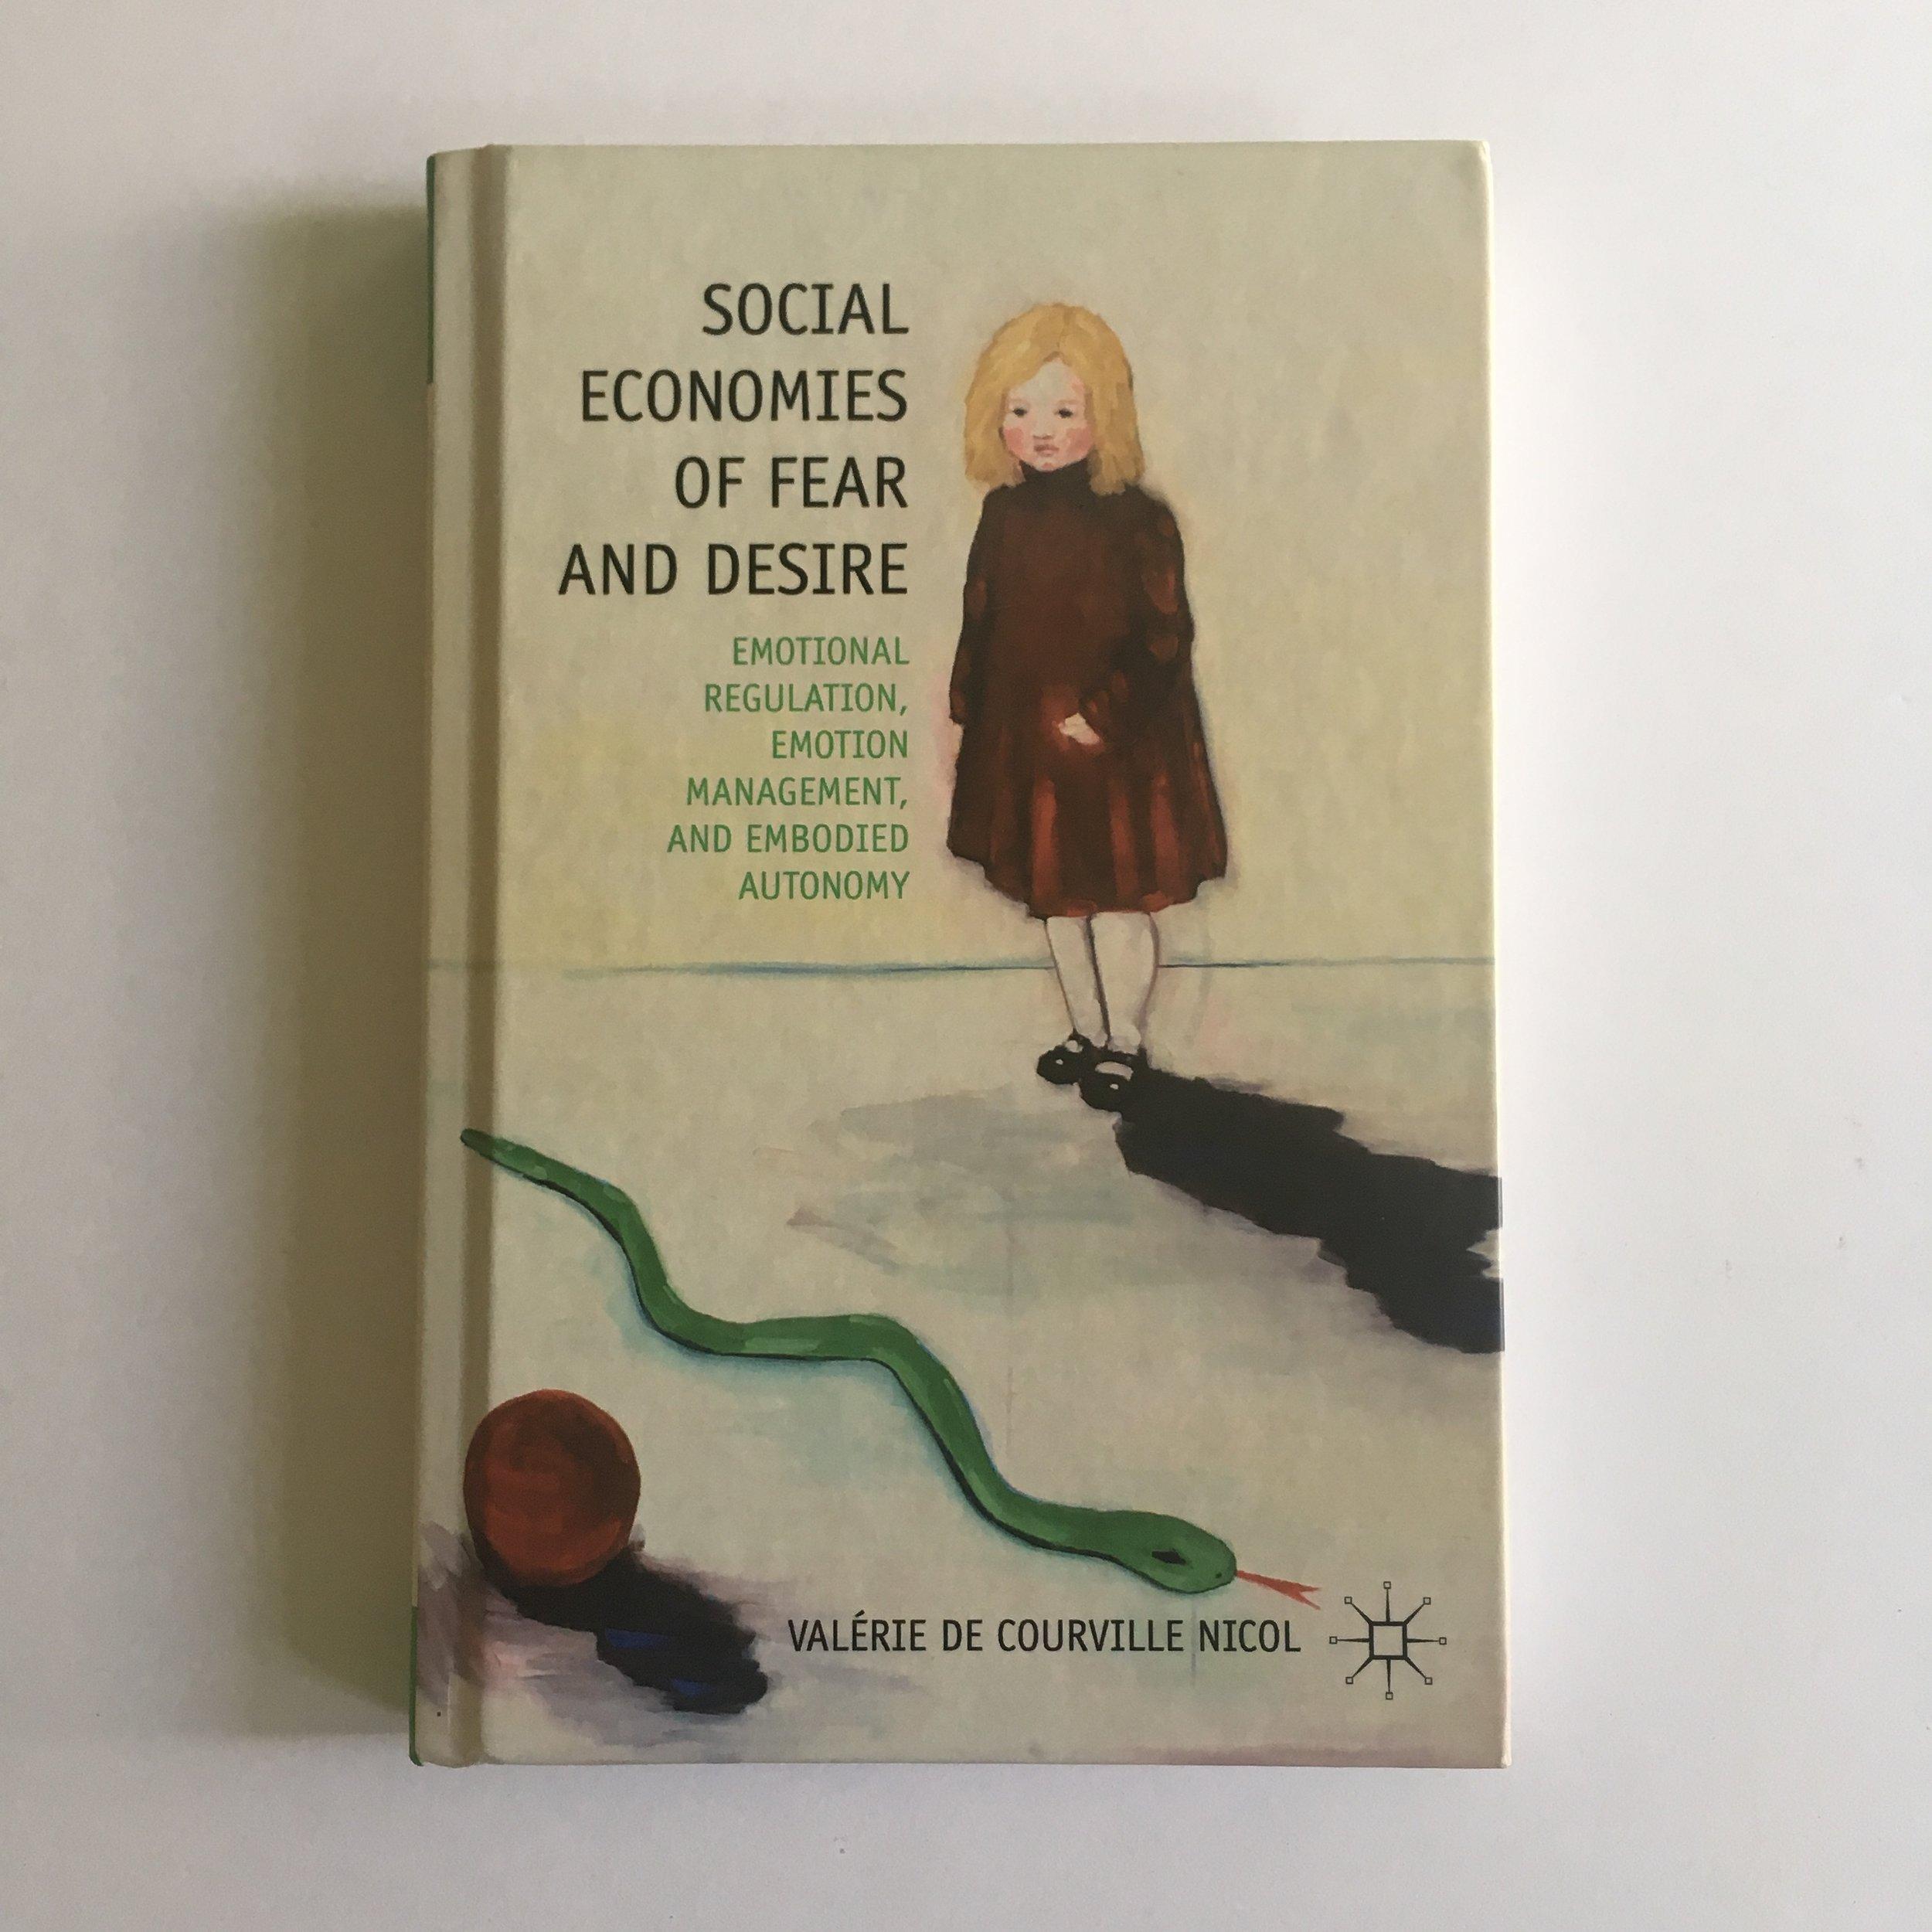 Social Economies - Valerie de Courville Nicol